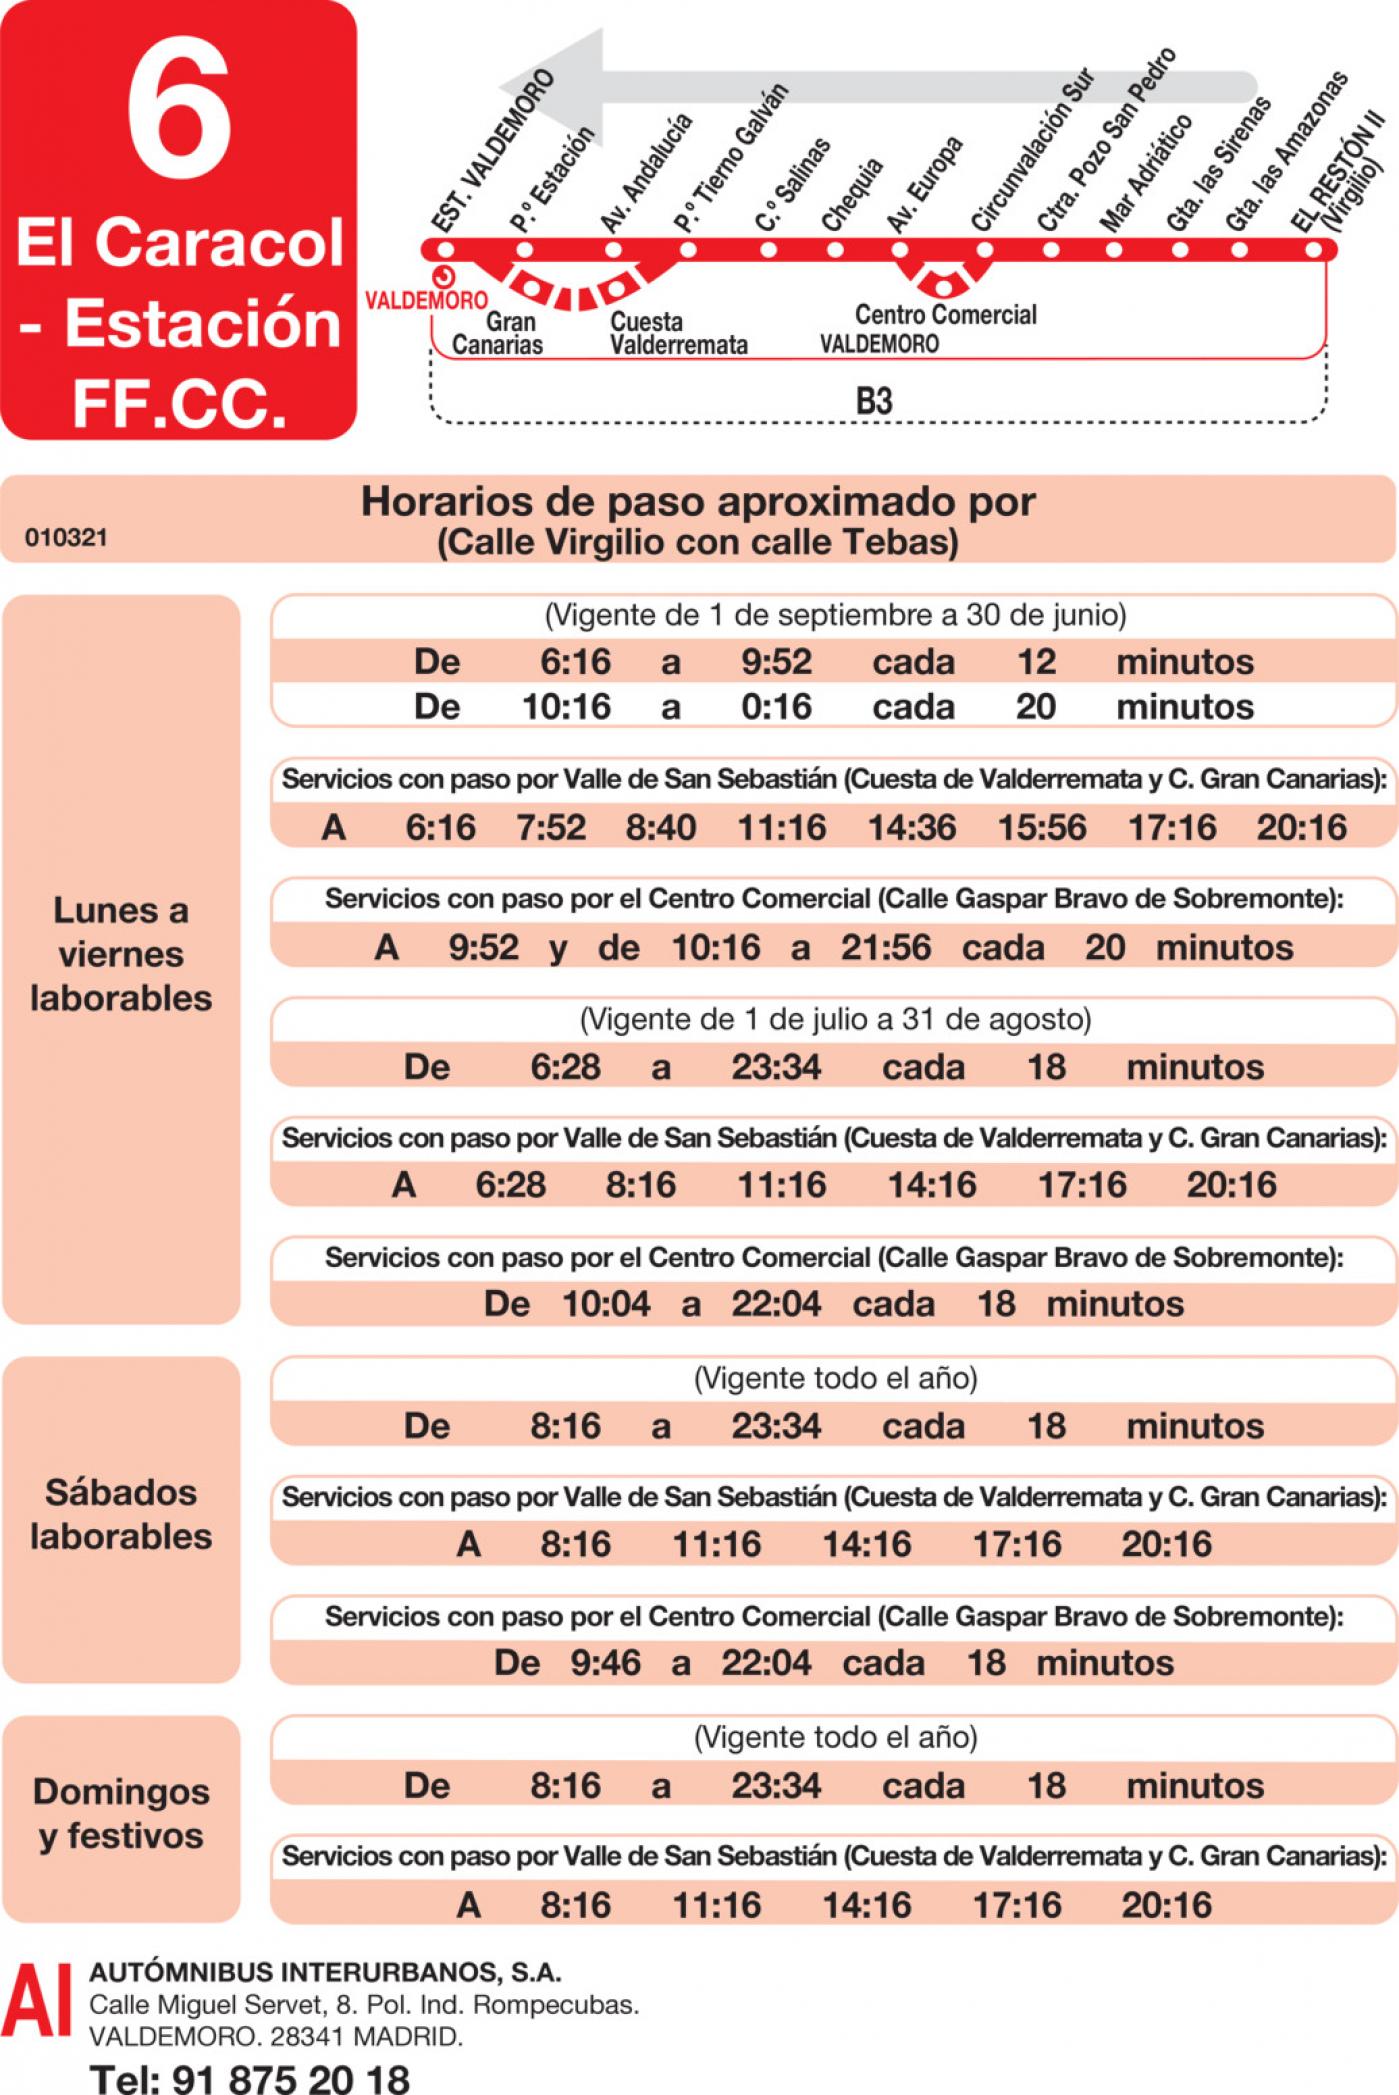 Tabla de horarios y frecuencias de paso en sentido vuelta Línea L-6 Valdemoro: Estación Cercanías RENFE - El Caracol - El Restón II